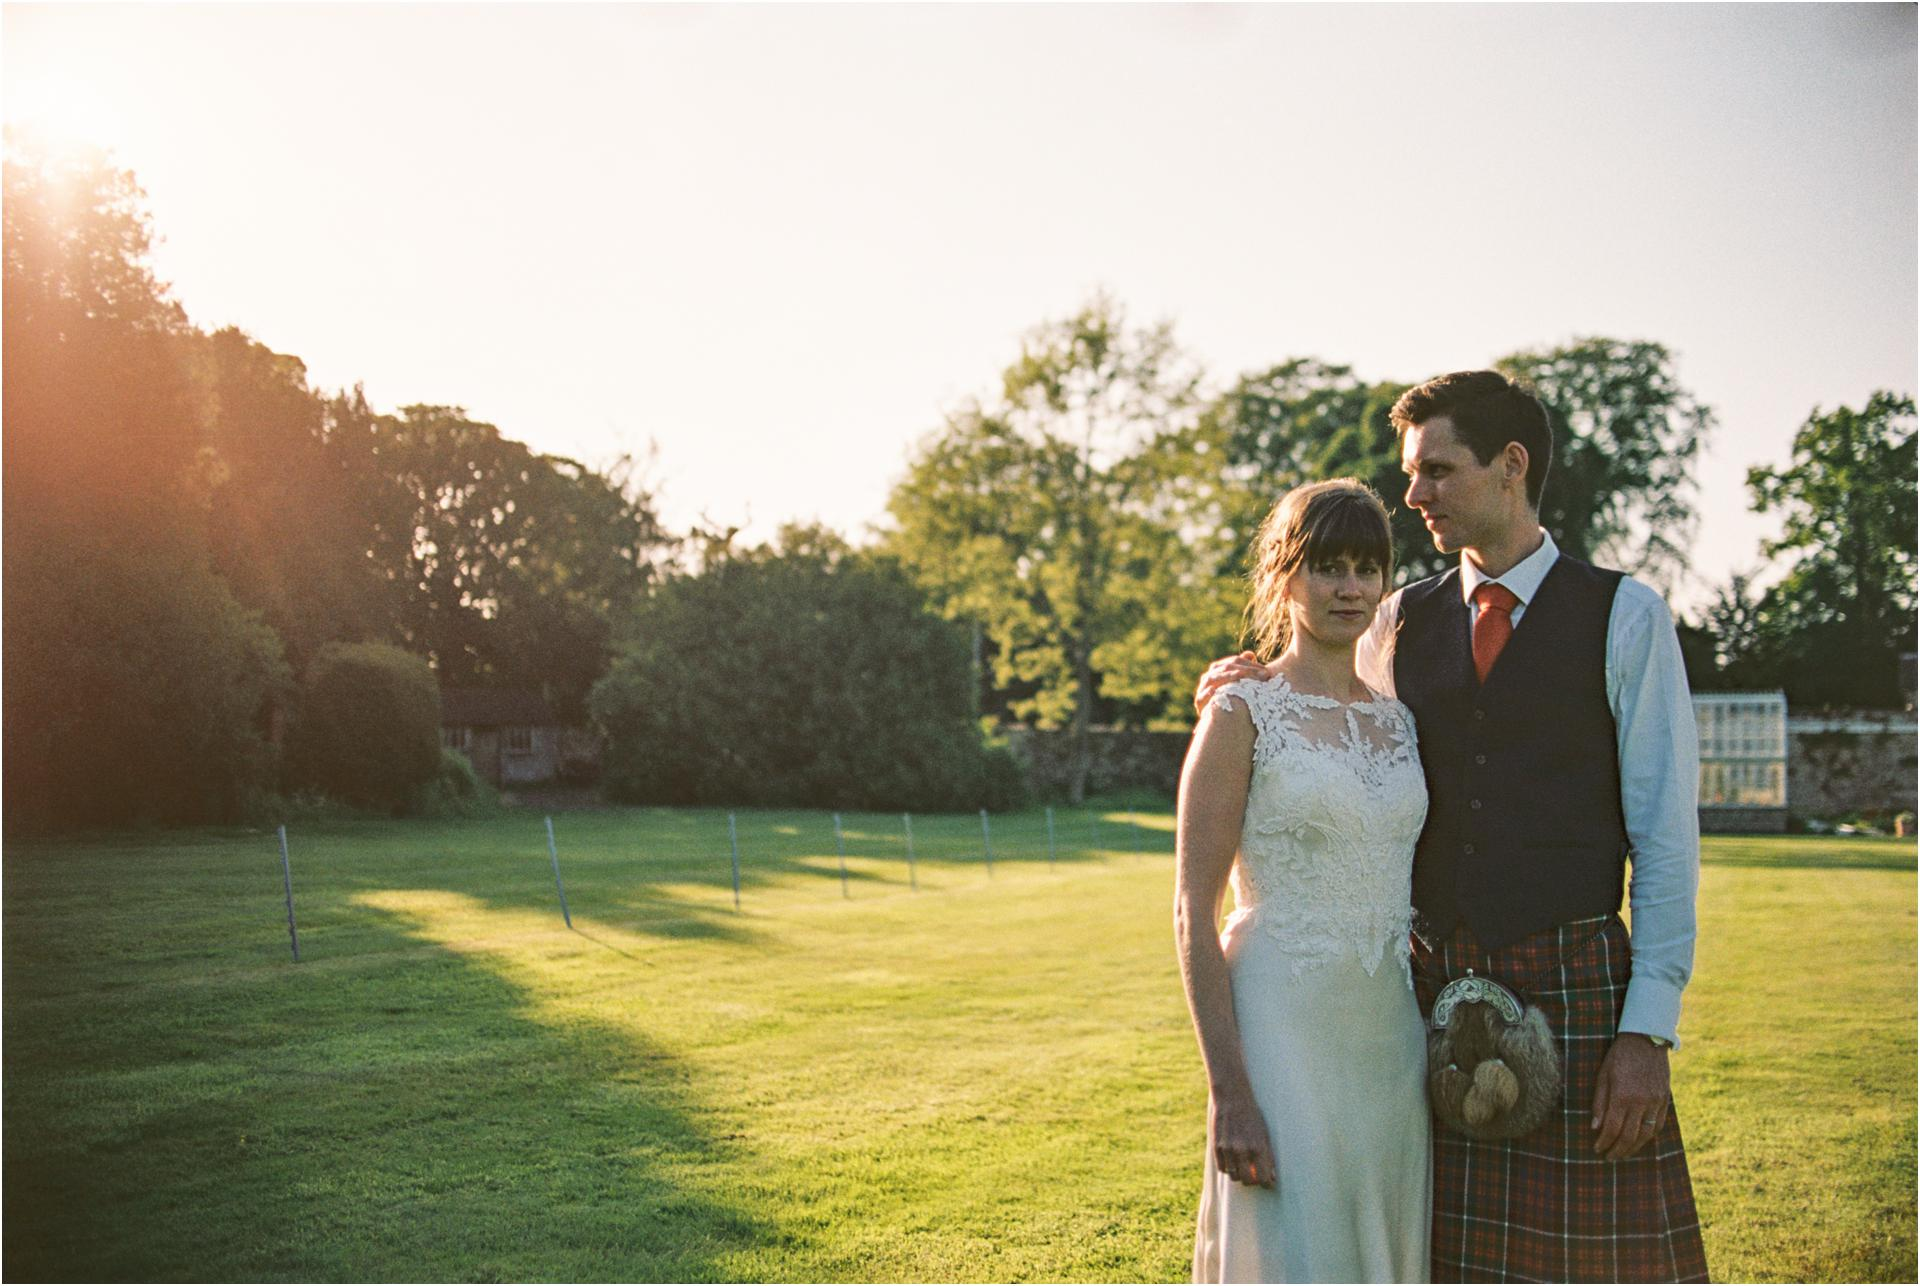 weddingsonfilmphotosbyzoe102